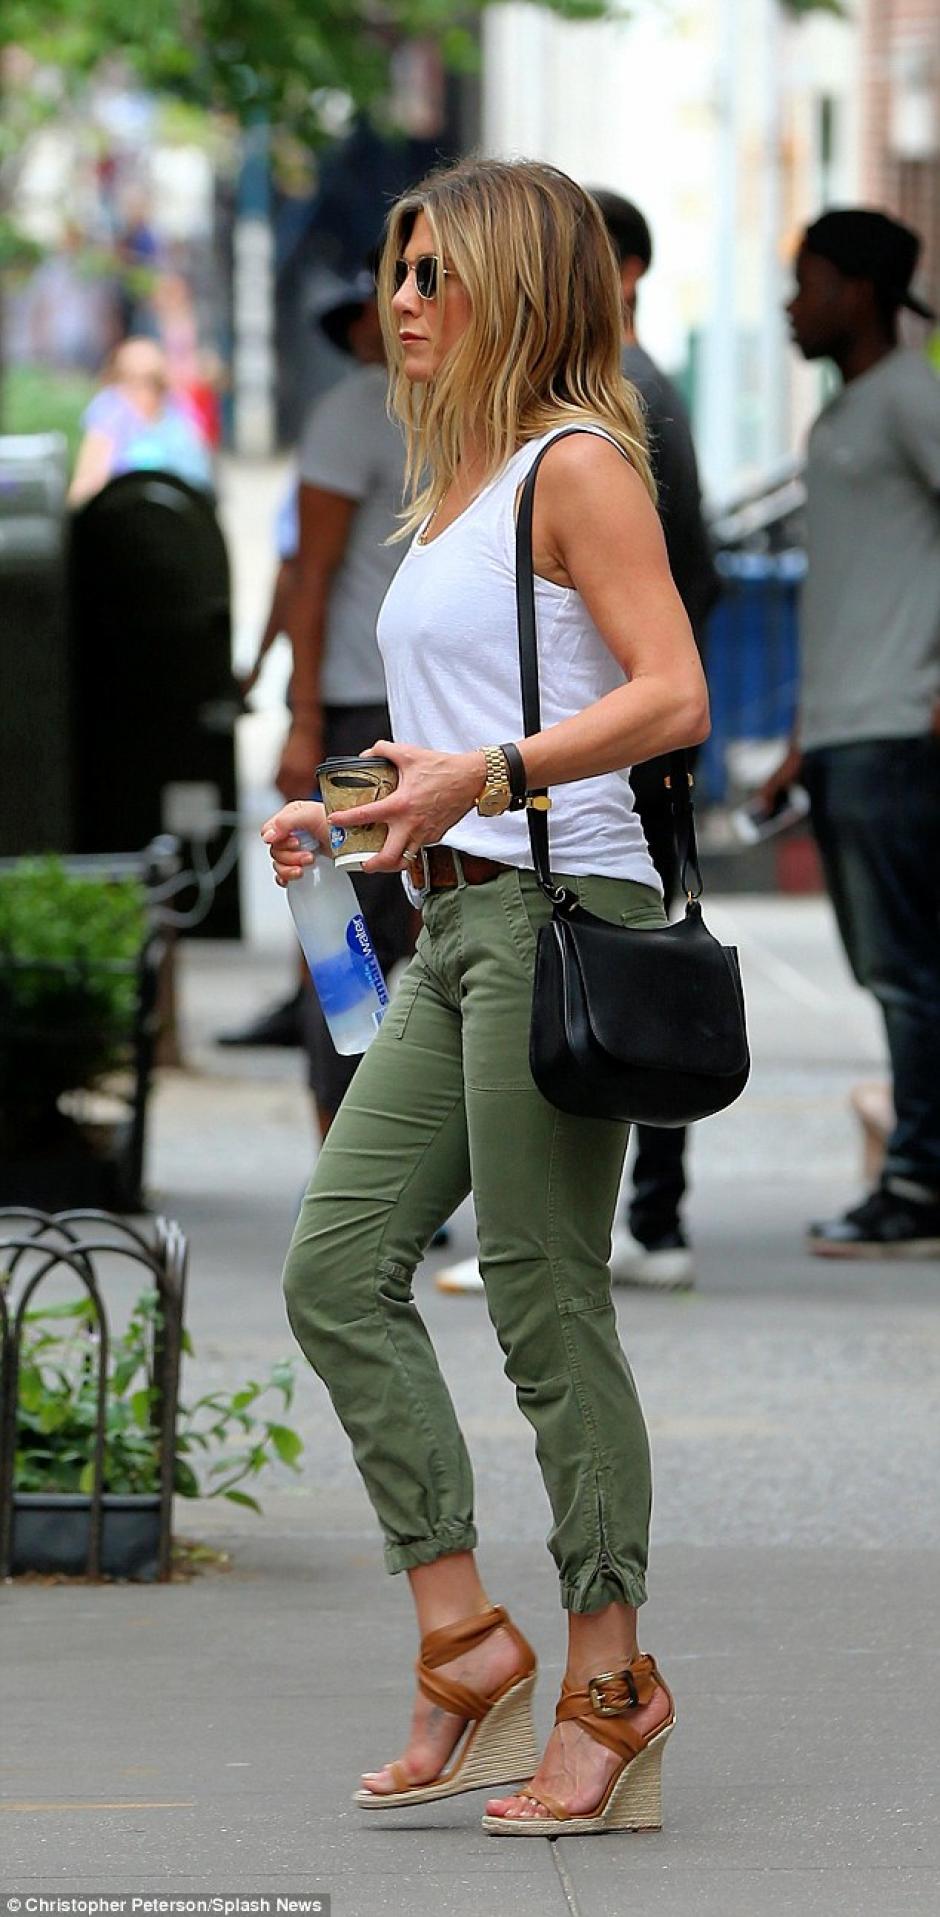 La hermosa actriz de 47 años fue acosada por los fotógrafos mientras andaba por la calle. (Foto: Estilo DF)